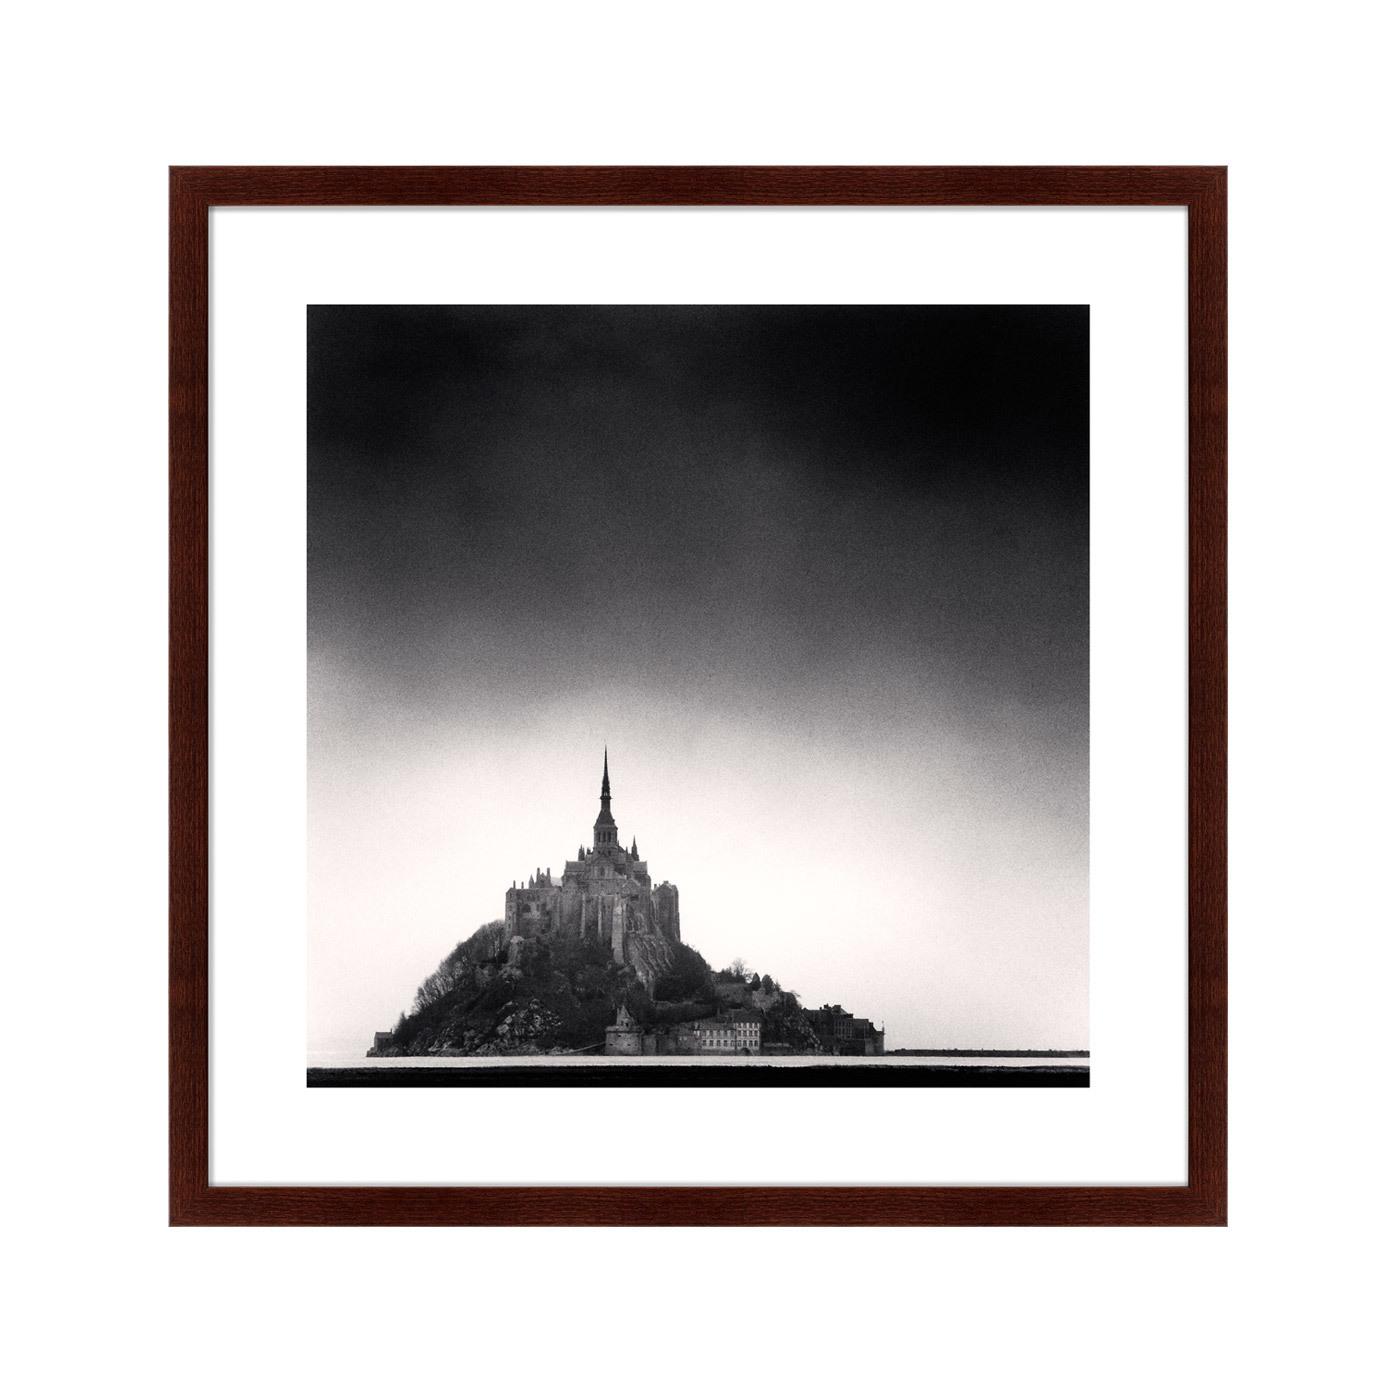 Картины, постеры, гобелены, панно Картины в Квартиру Картина Castle (79х79 см) феникс книжка развивающие тесты воображение